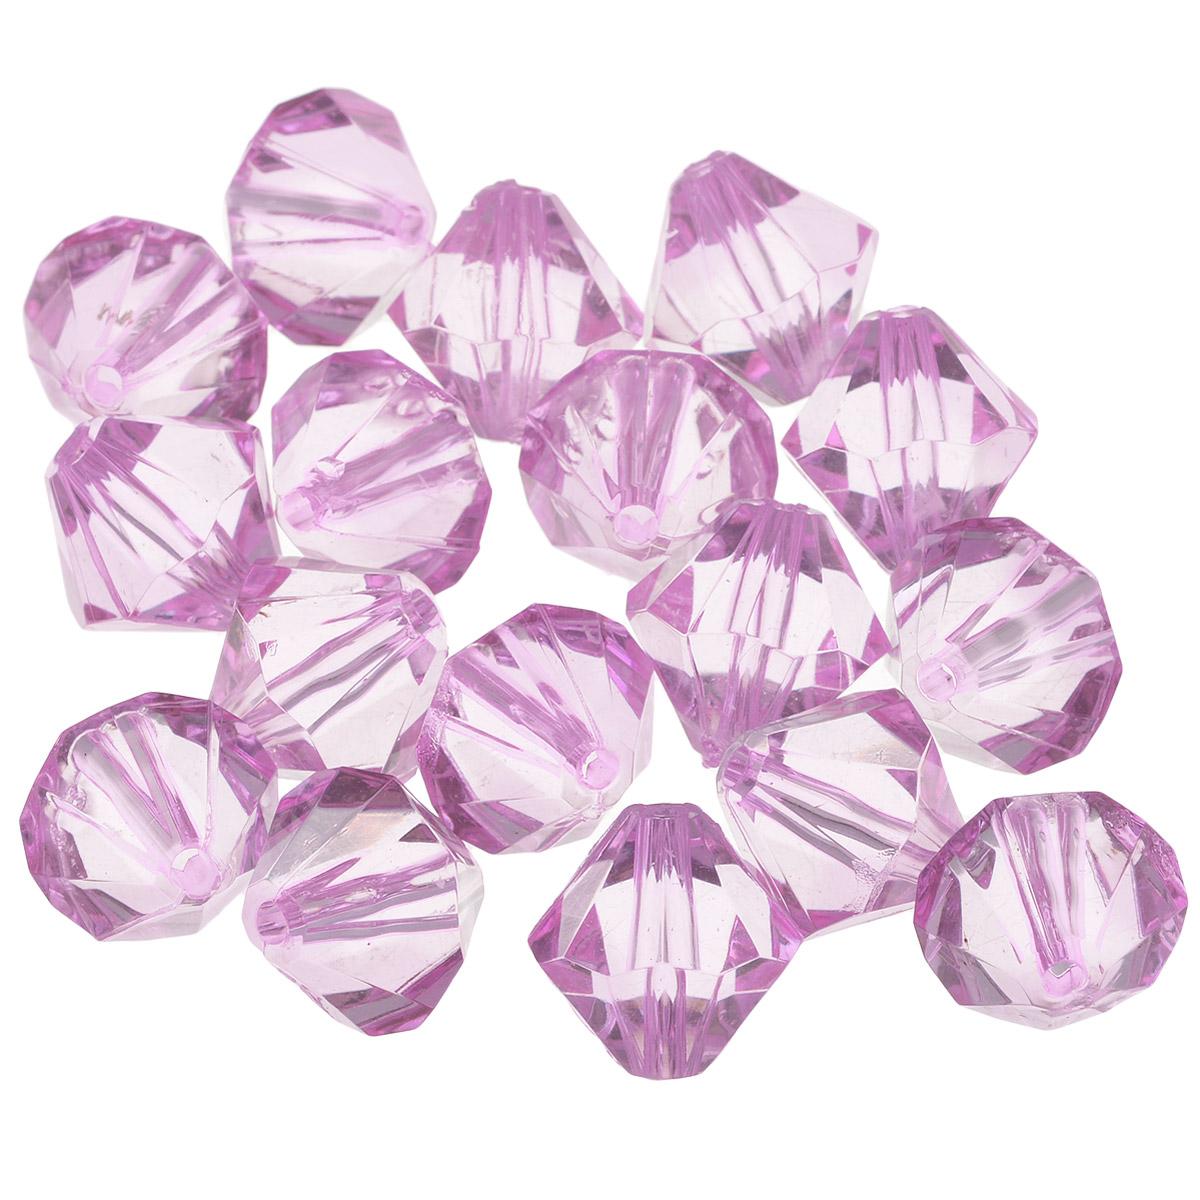 Бусины Астра, цвет: светло-фиолетовый (17), 16 мм х 17 мм, 25 г. 684982_17684982_17Набор бусин Астра, изготовленный из акрила, позволит вам своими руками создать оригинальные ожерелья, бусы или браслеты. Одноцветные ромбовидные бусины оригинального и яркого дизайна оснащены рельефными, многогранными поверхностями. Изготовление украшений - занимательное хобби и реализация творческих способностей рукодельницы, это возможность создания неповторимого индивидуального подарка. Размер бусины: 16 мм х 17 мм.